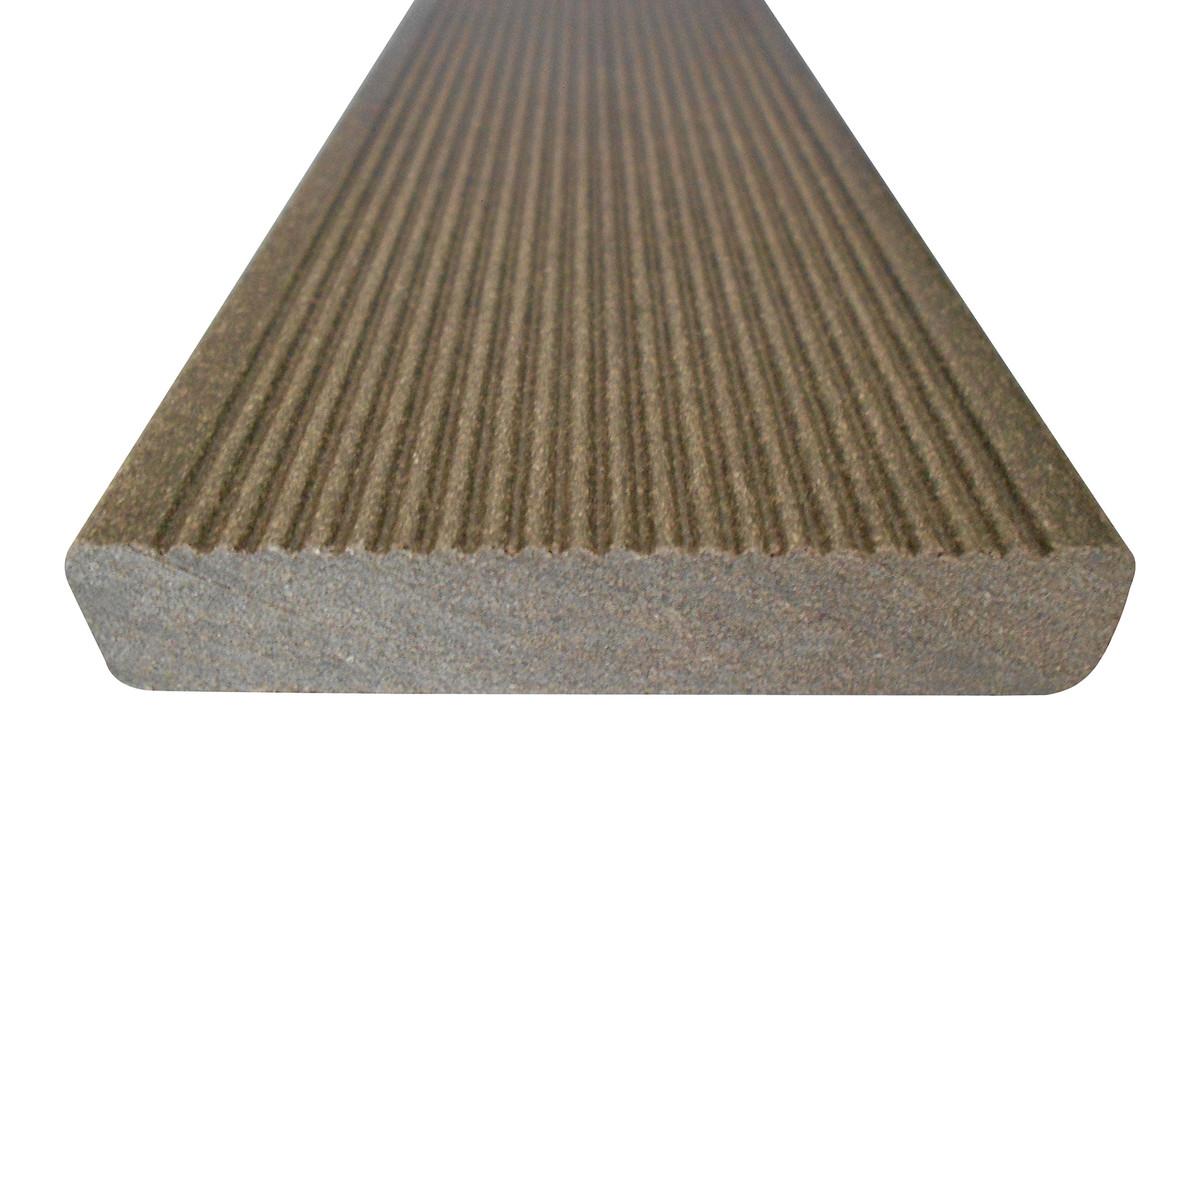 Pavimento esterno legno composito wpc offerta prezzo e for Pavimento wpc leroy merlin